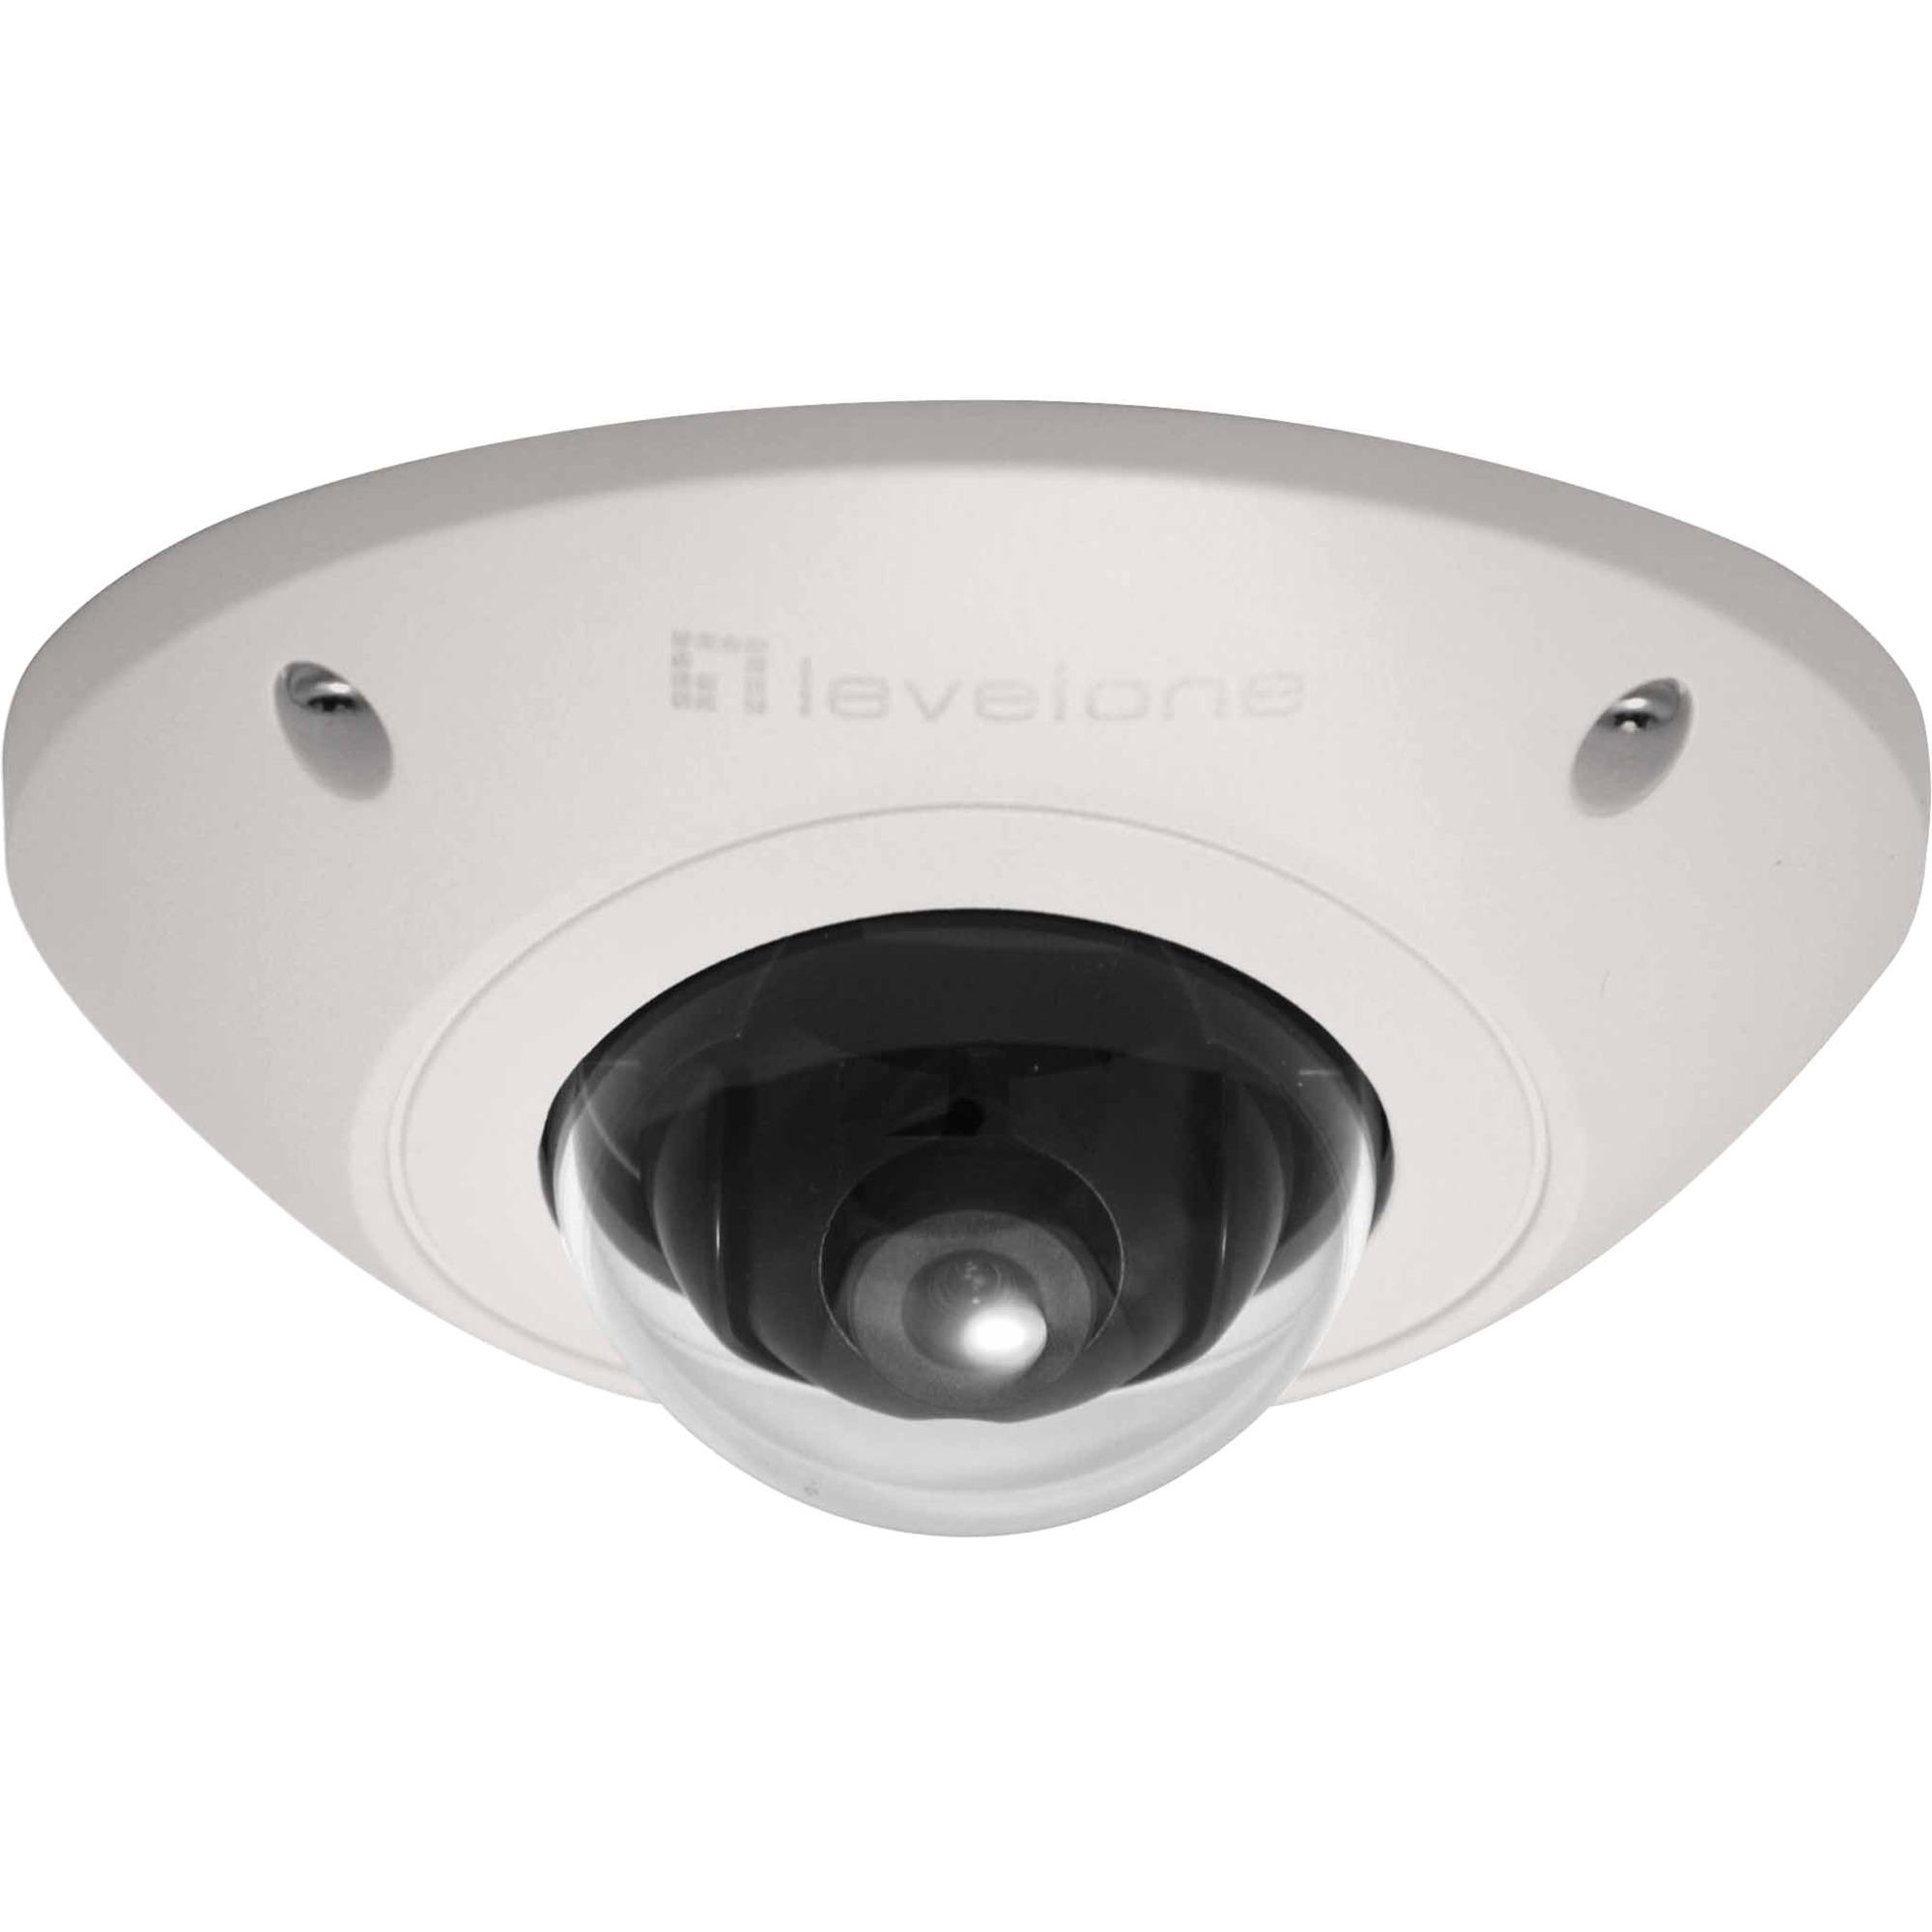 FCS-3073 Cámara de seguridad IP Interior y exterior Almohadilla Blanco 1920 x 1080Pixeles cámara de vigilancia, Cámara de red